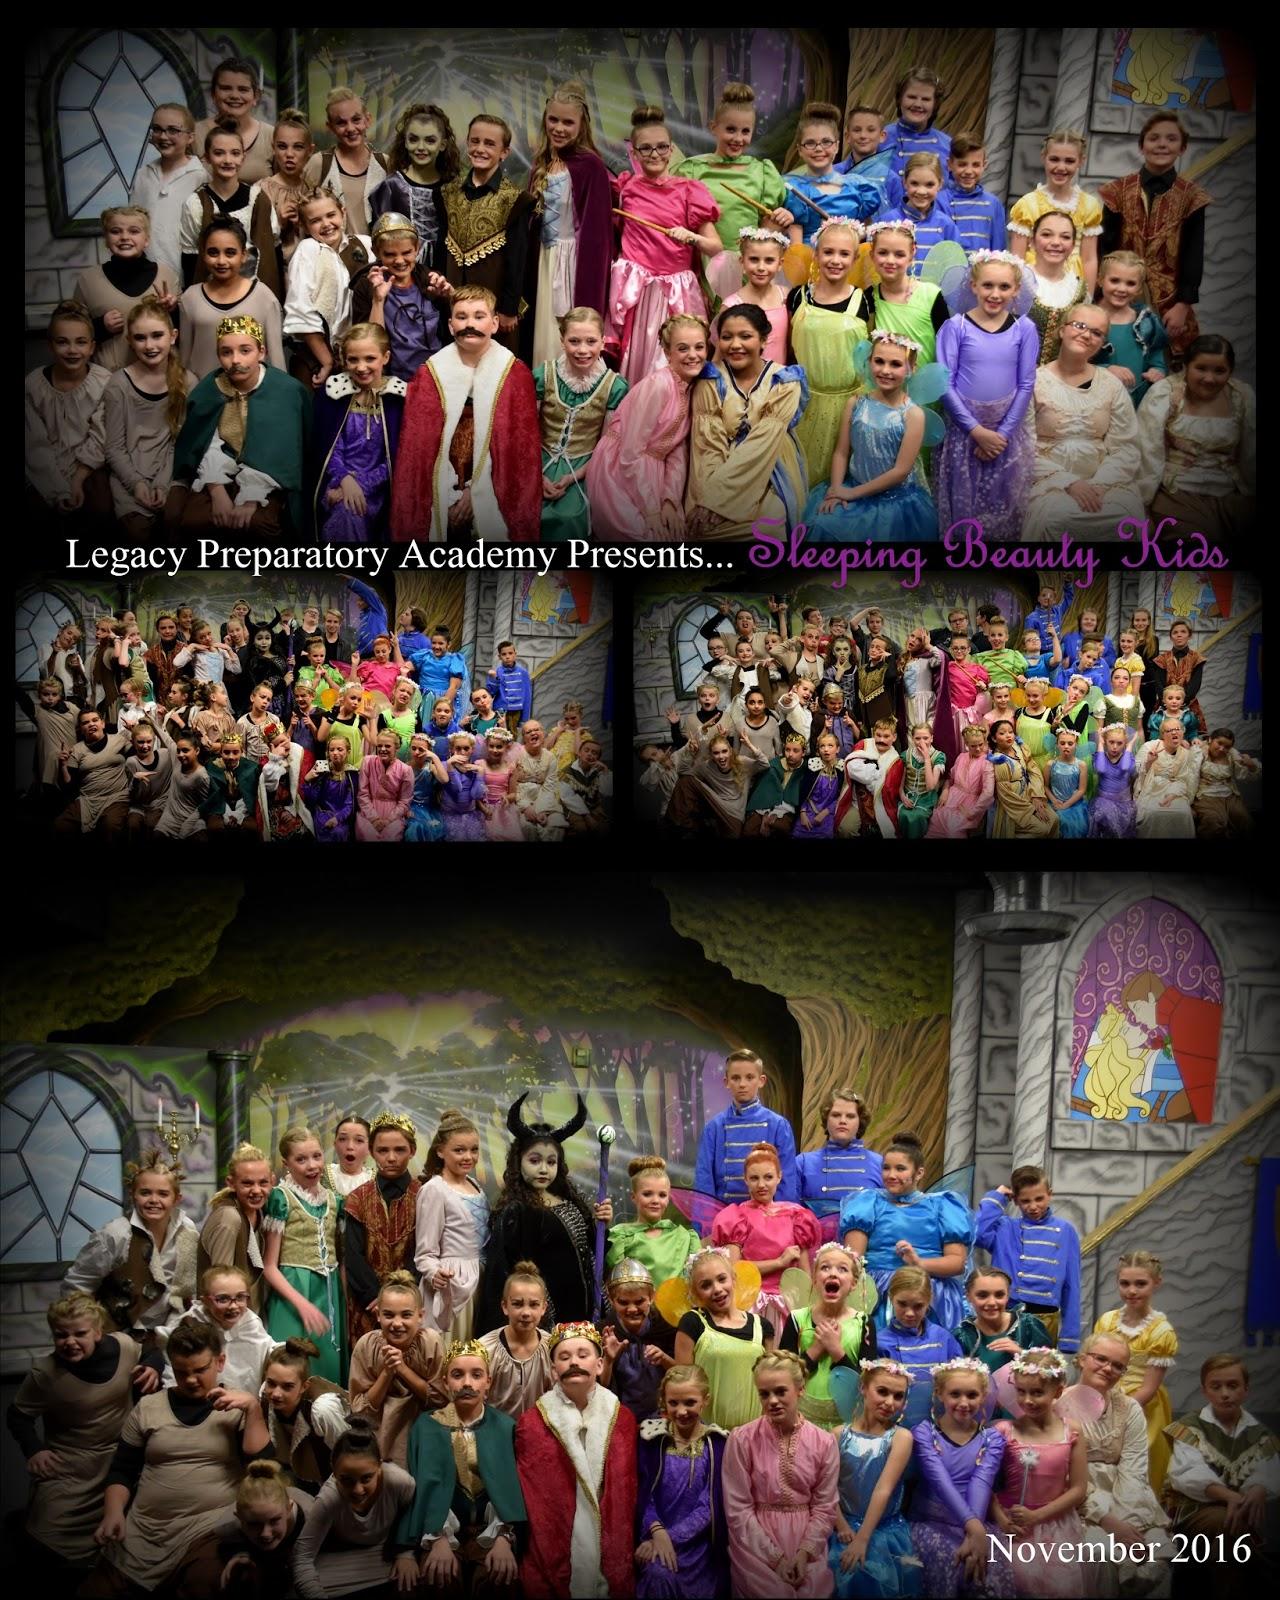 LPA Sleeping Beauty Kids: Sleeping Beauty Kids Pics   CAST B   T, TH